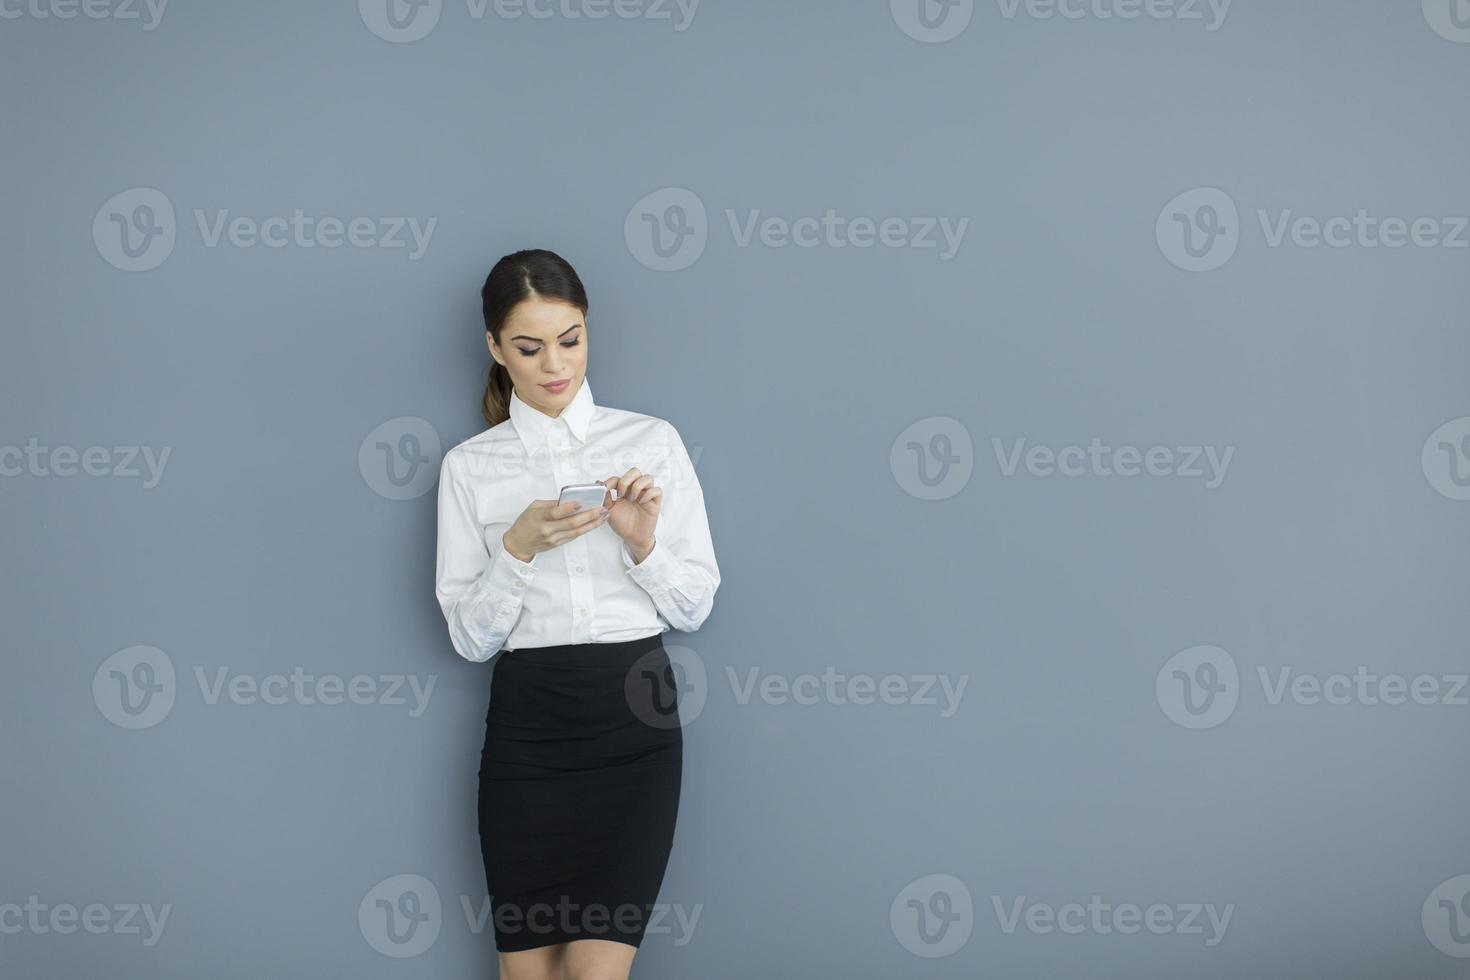 jonge vrouw bij de muur foto